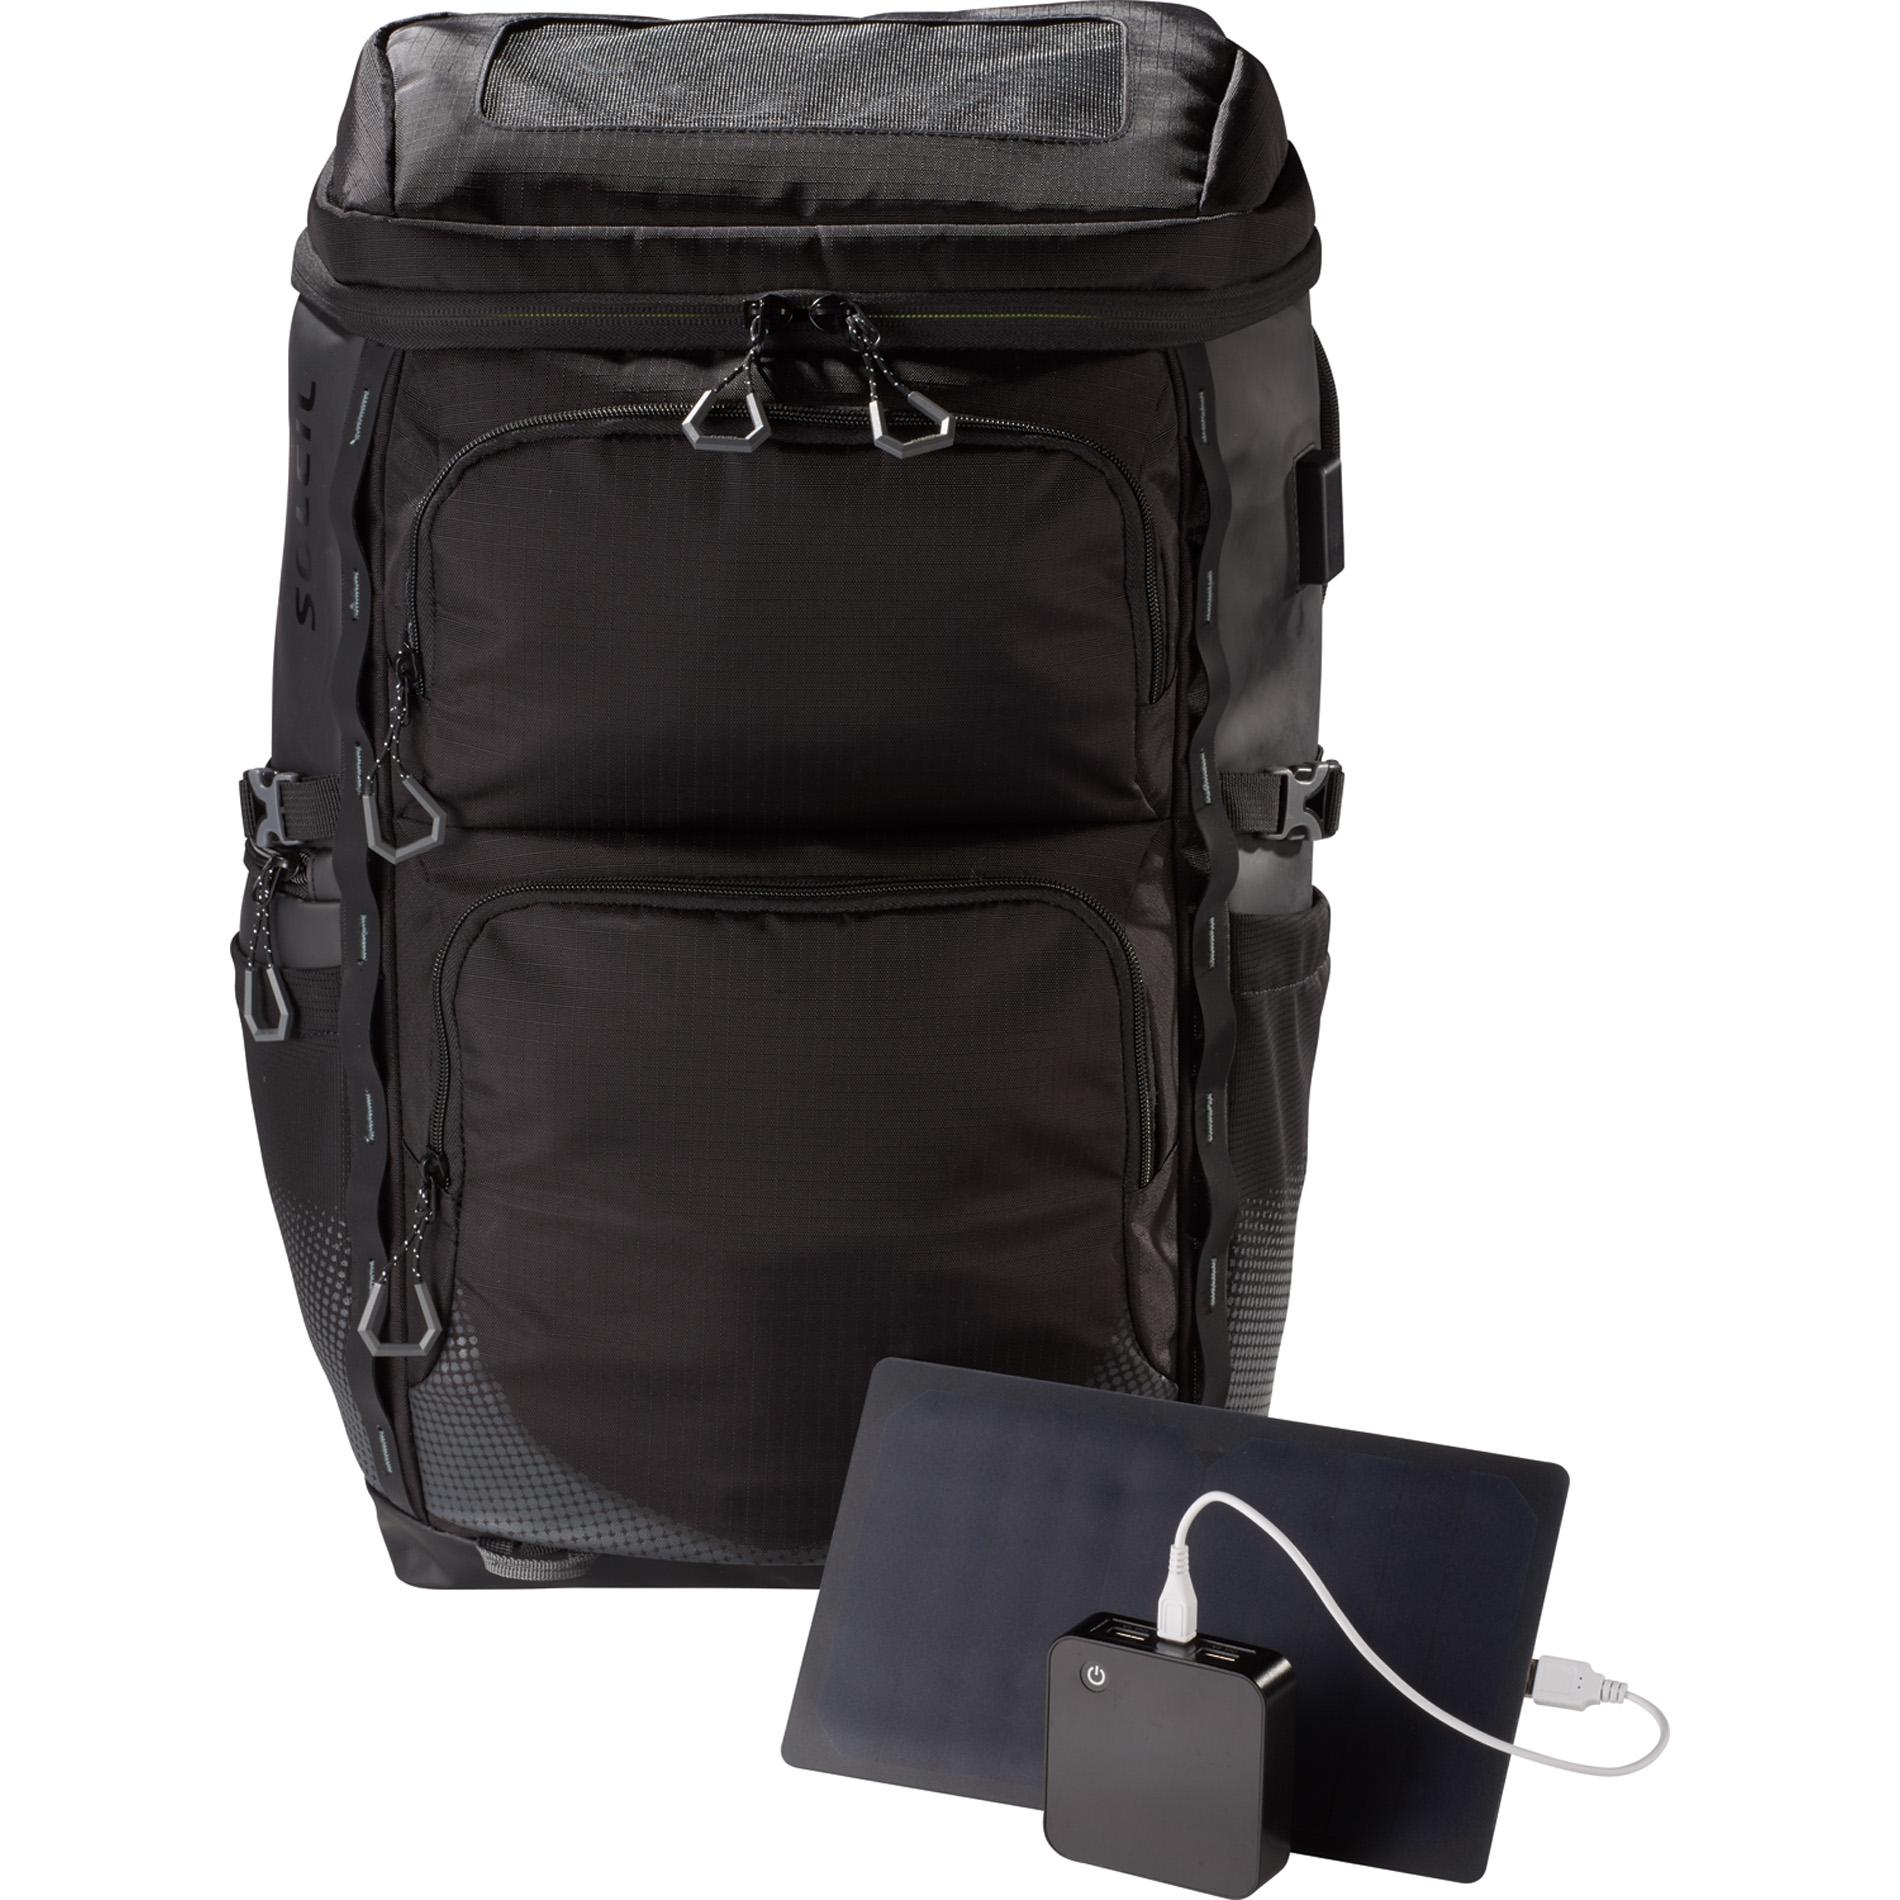 Elevate 1975-21 - Soleil Backpack w/ 6000 mAh Powerbank